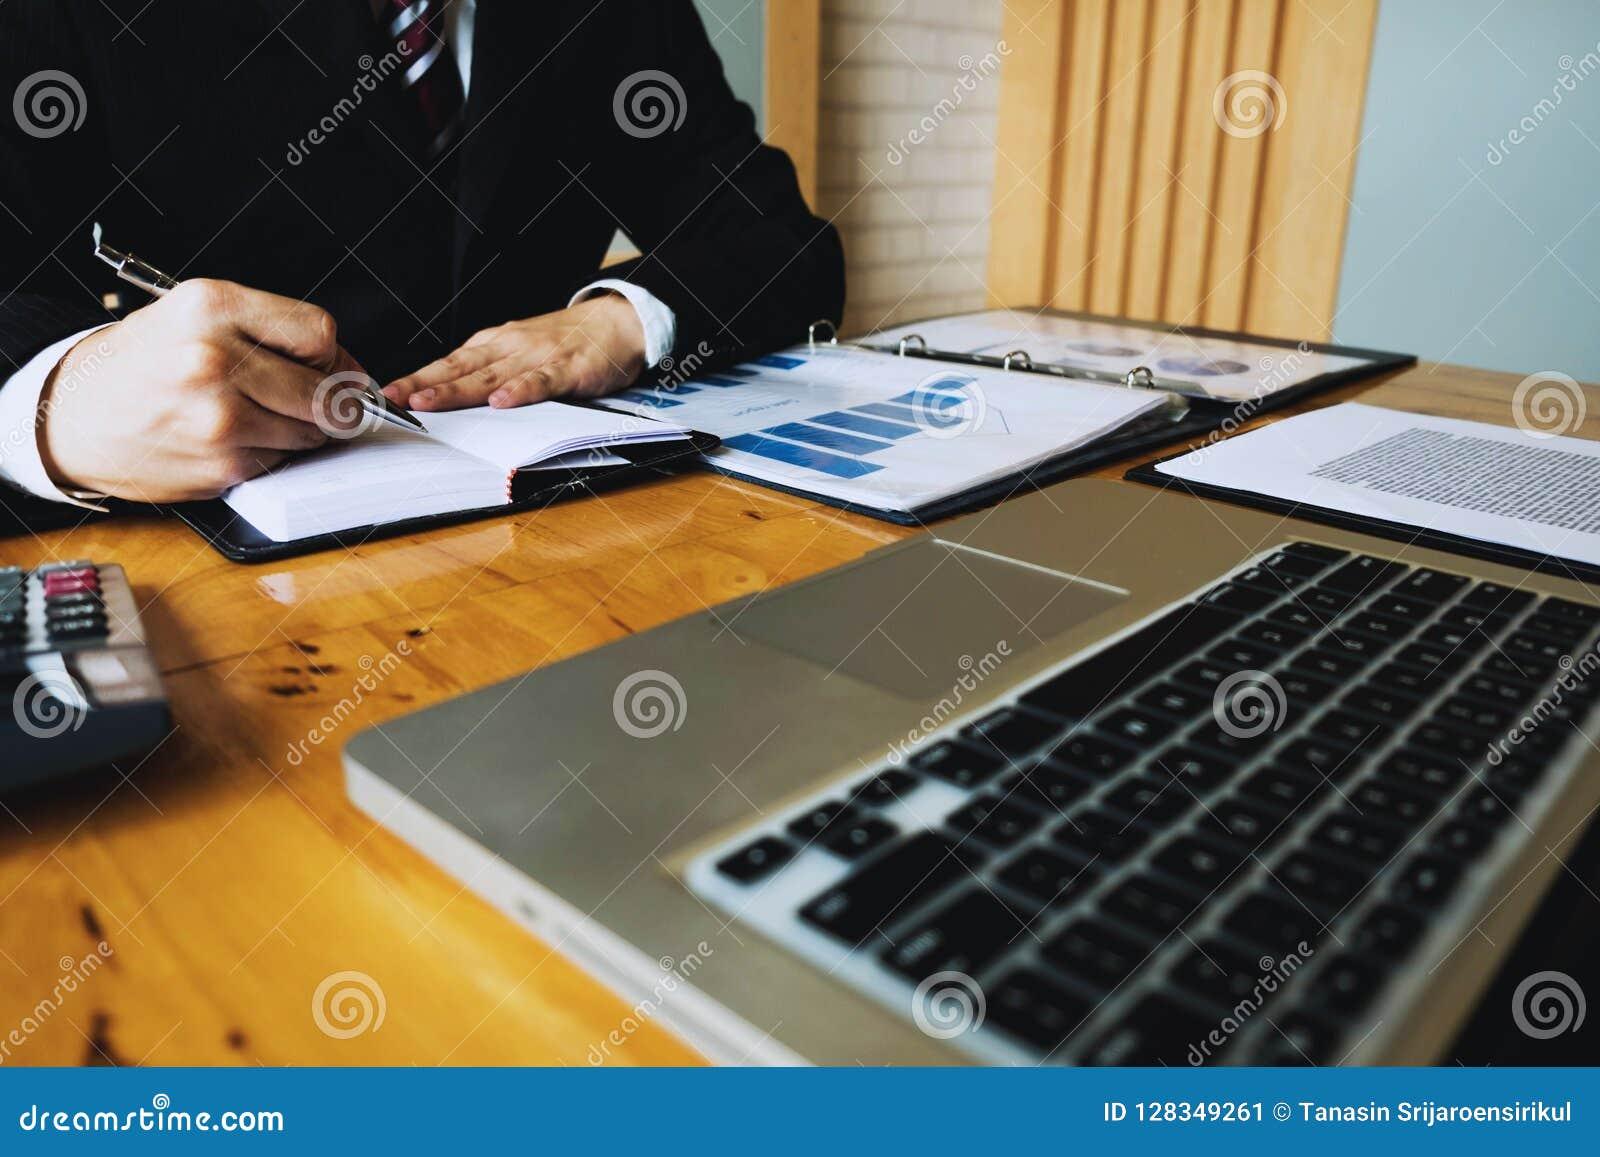 Бизнесмен высчитывает финансовые данные анализируя подсчитывать Бизнес